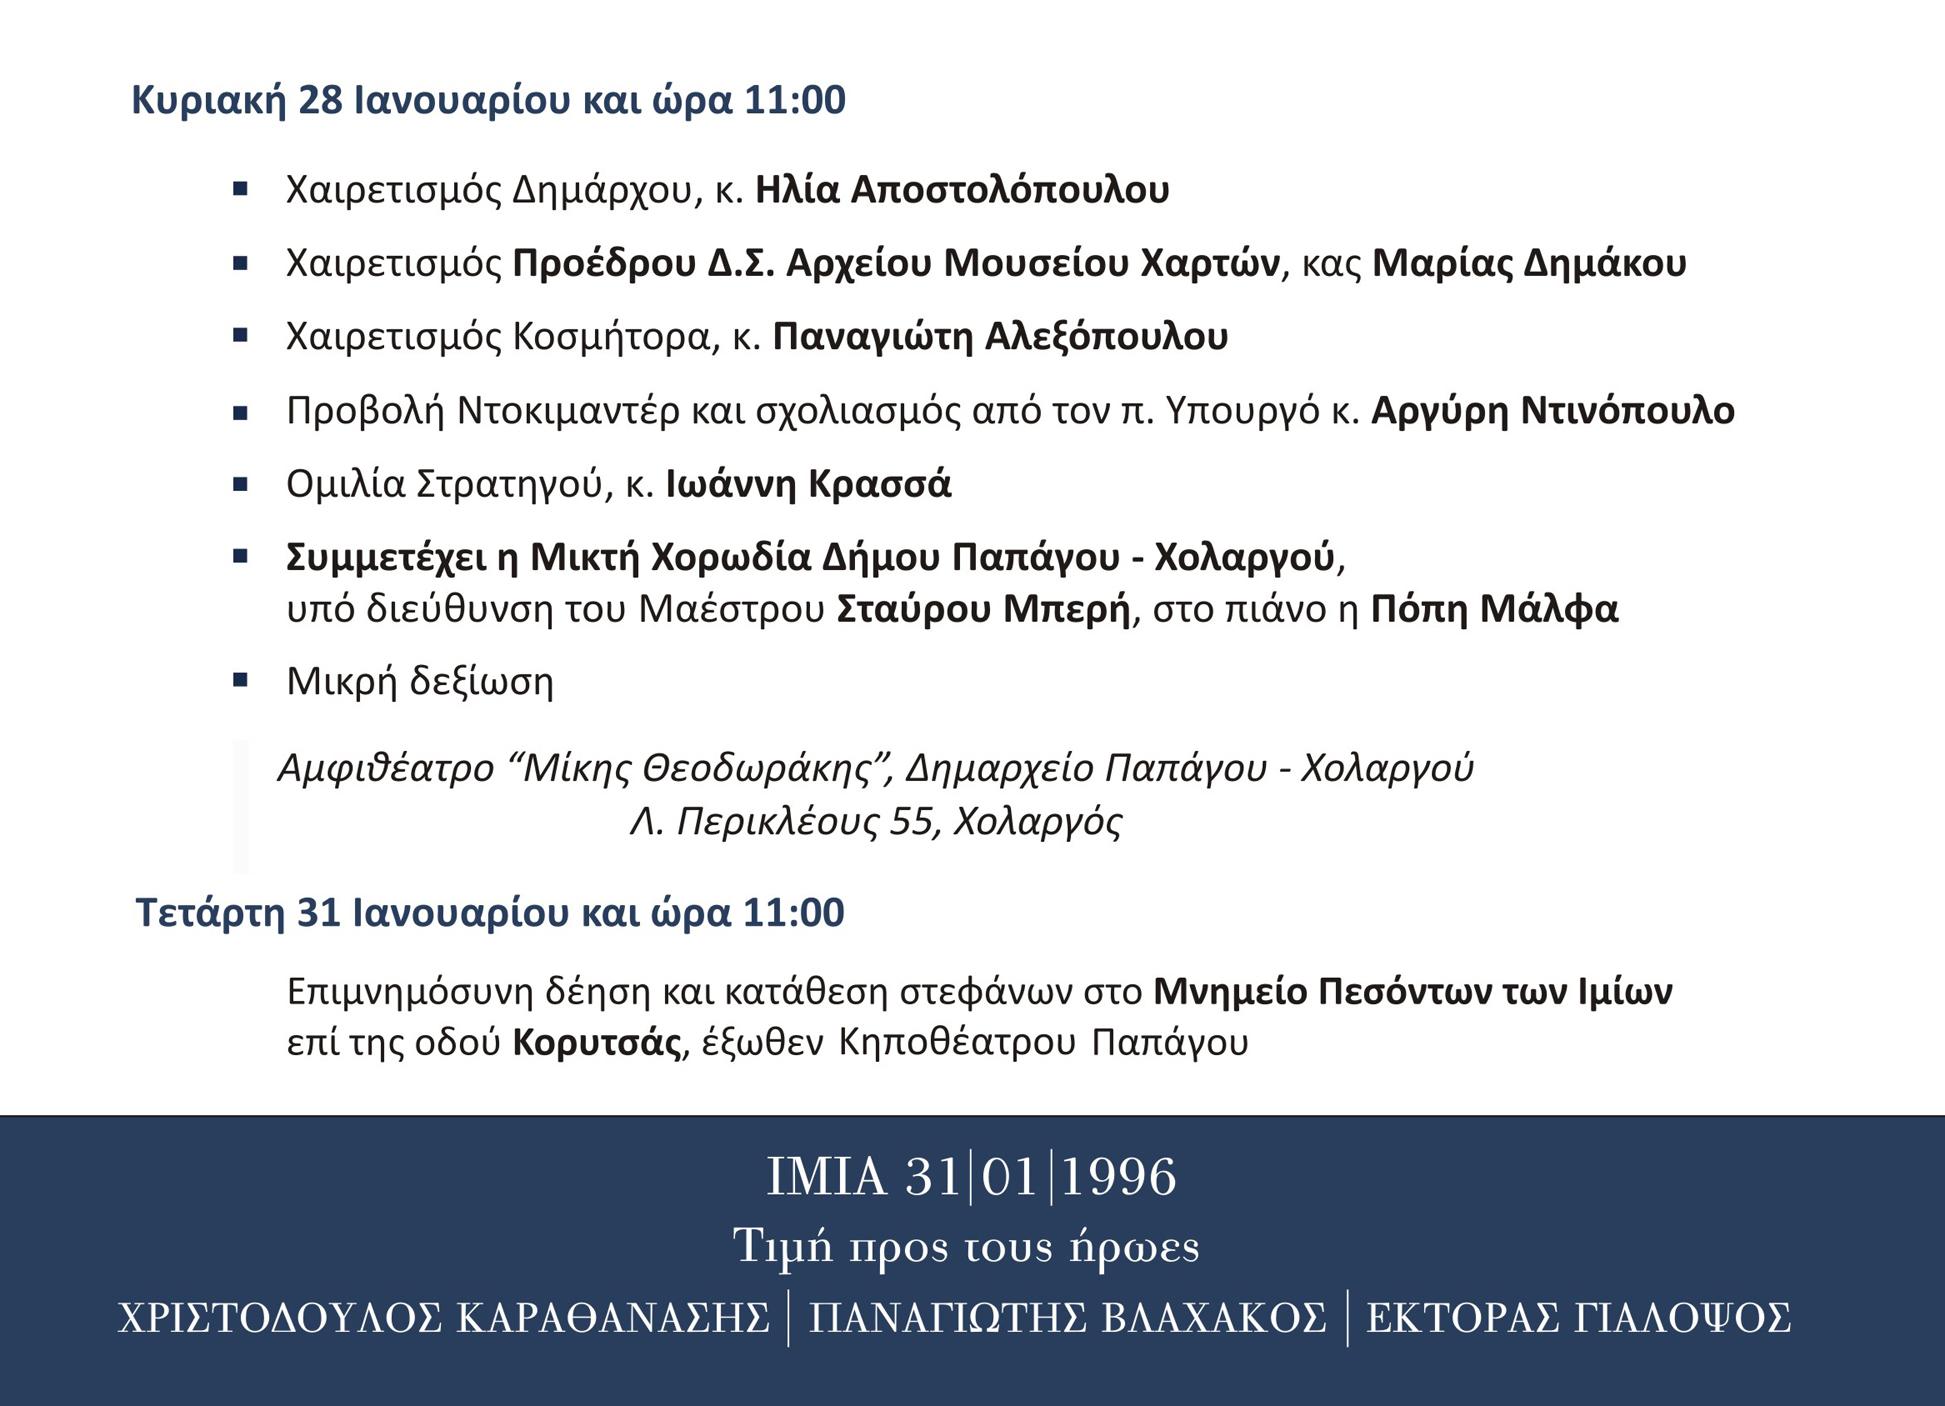 Εκδηλώσεις στη μνήμη των πεσόντων στα Ίμια